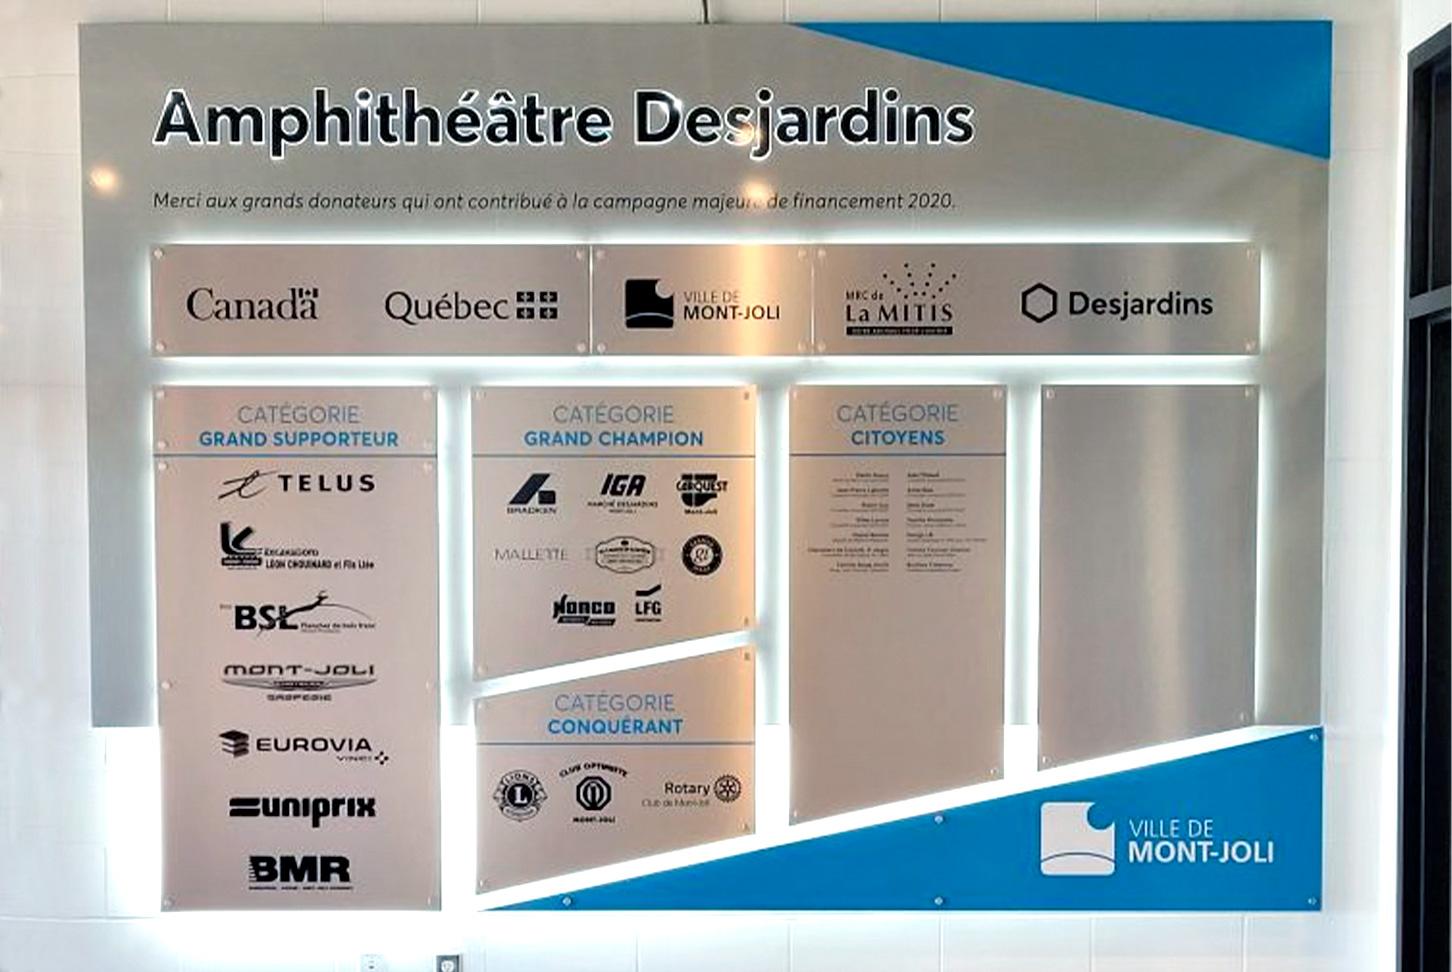 Design LB - Amphithéâtre Desjardins - Tableau d'honneur